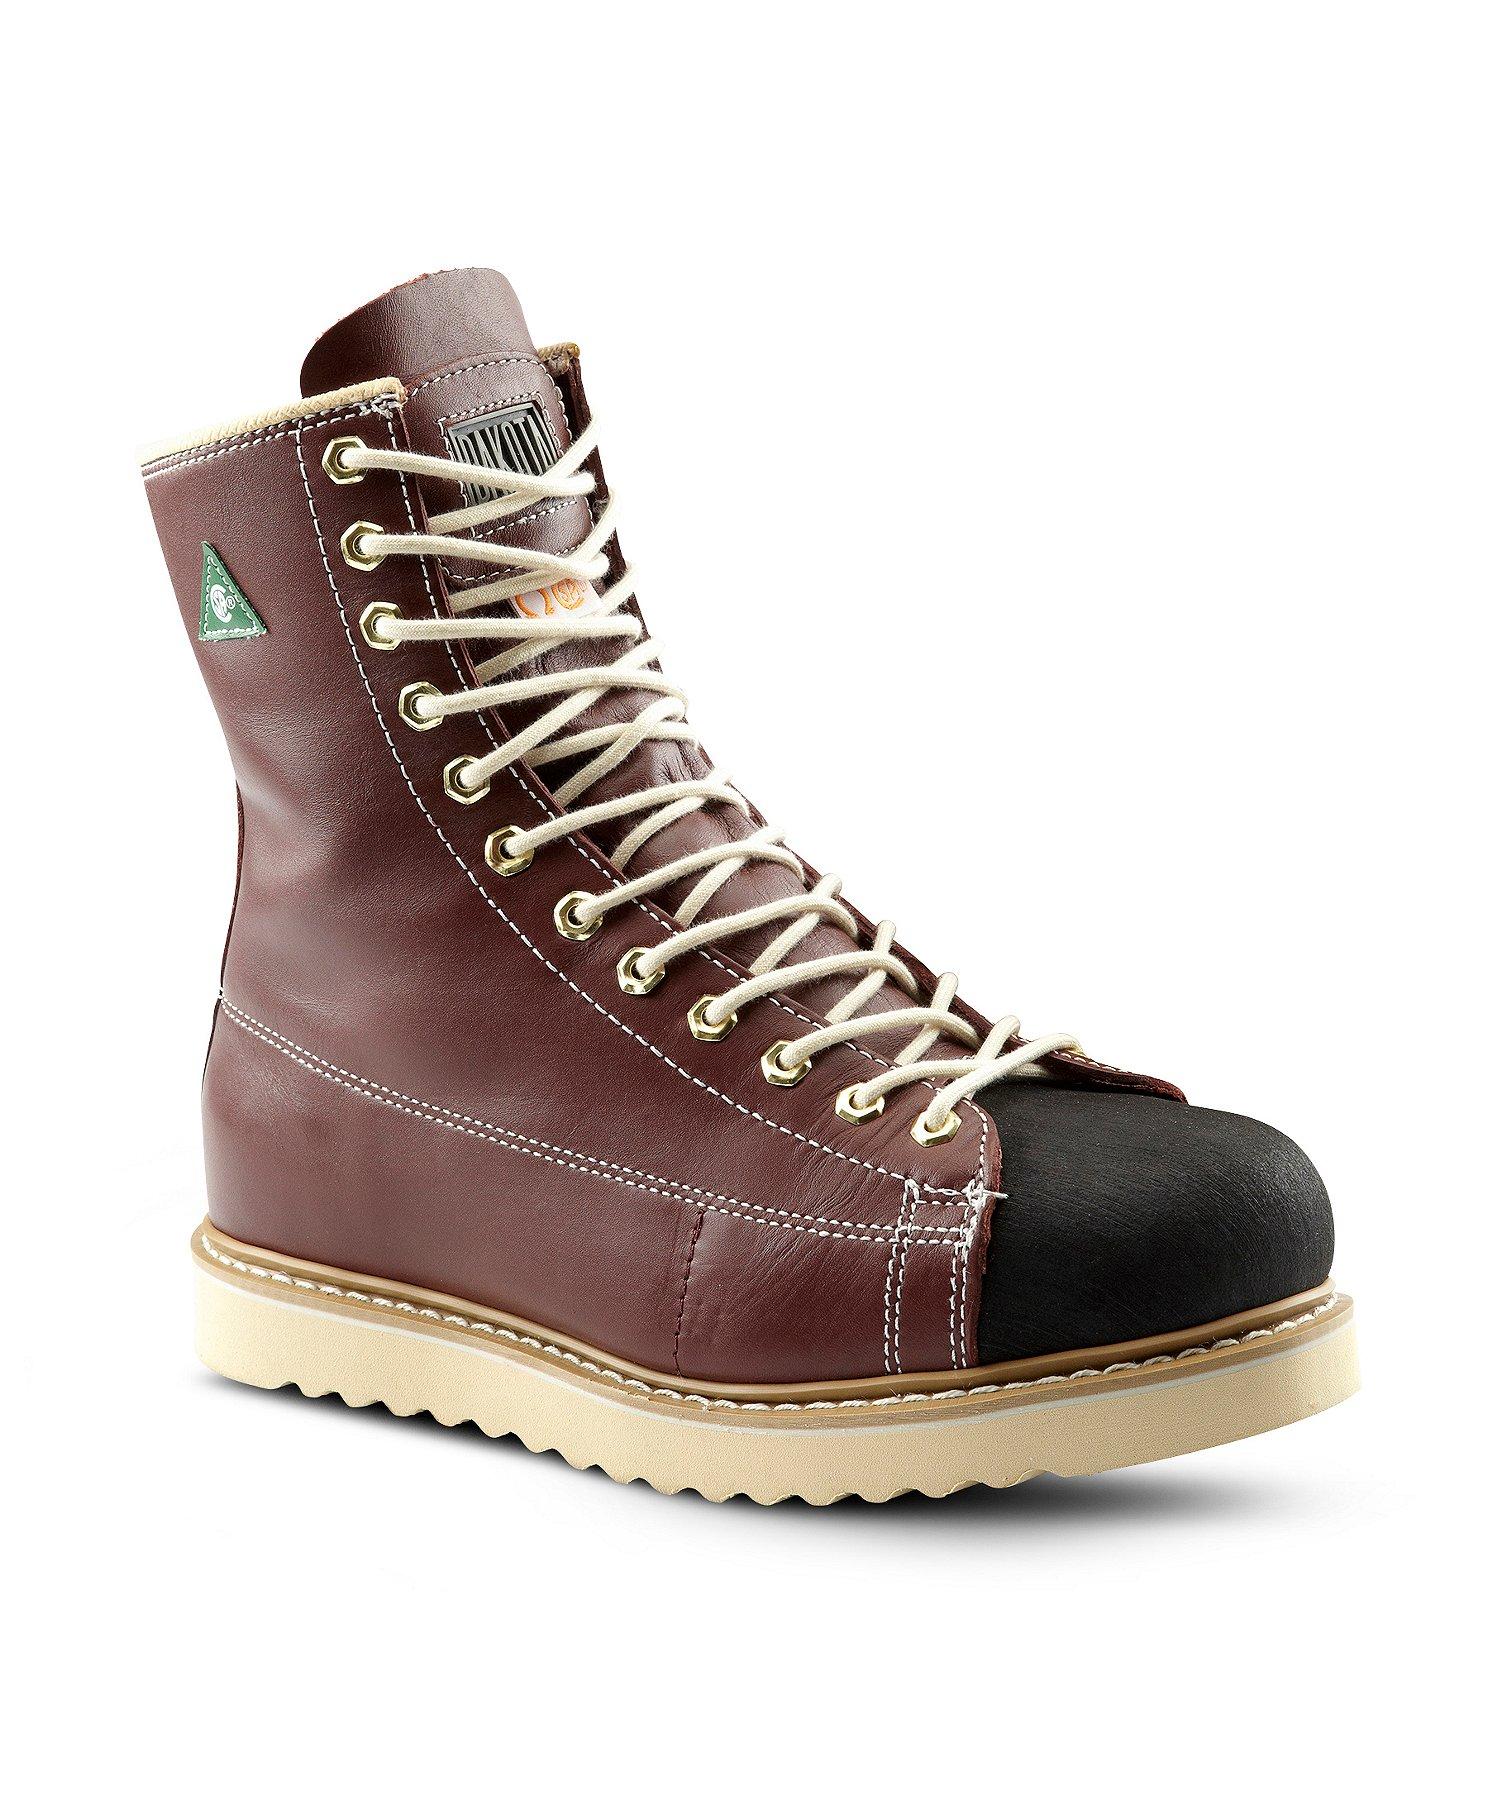 Men's 8'' Ironworker Unlined Steel Toe Steel Plate Work Boots